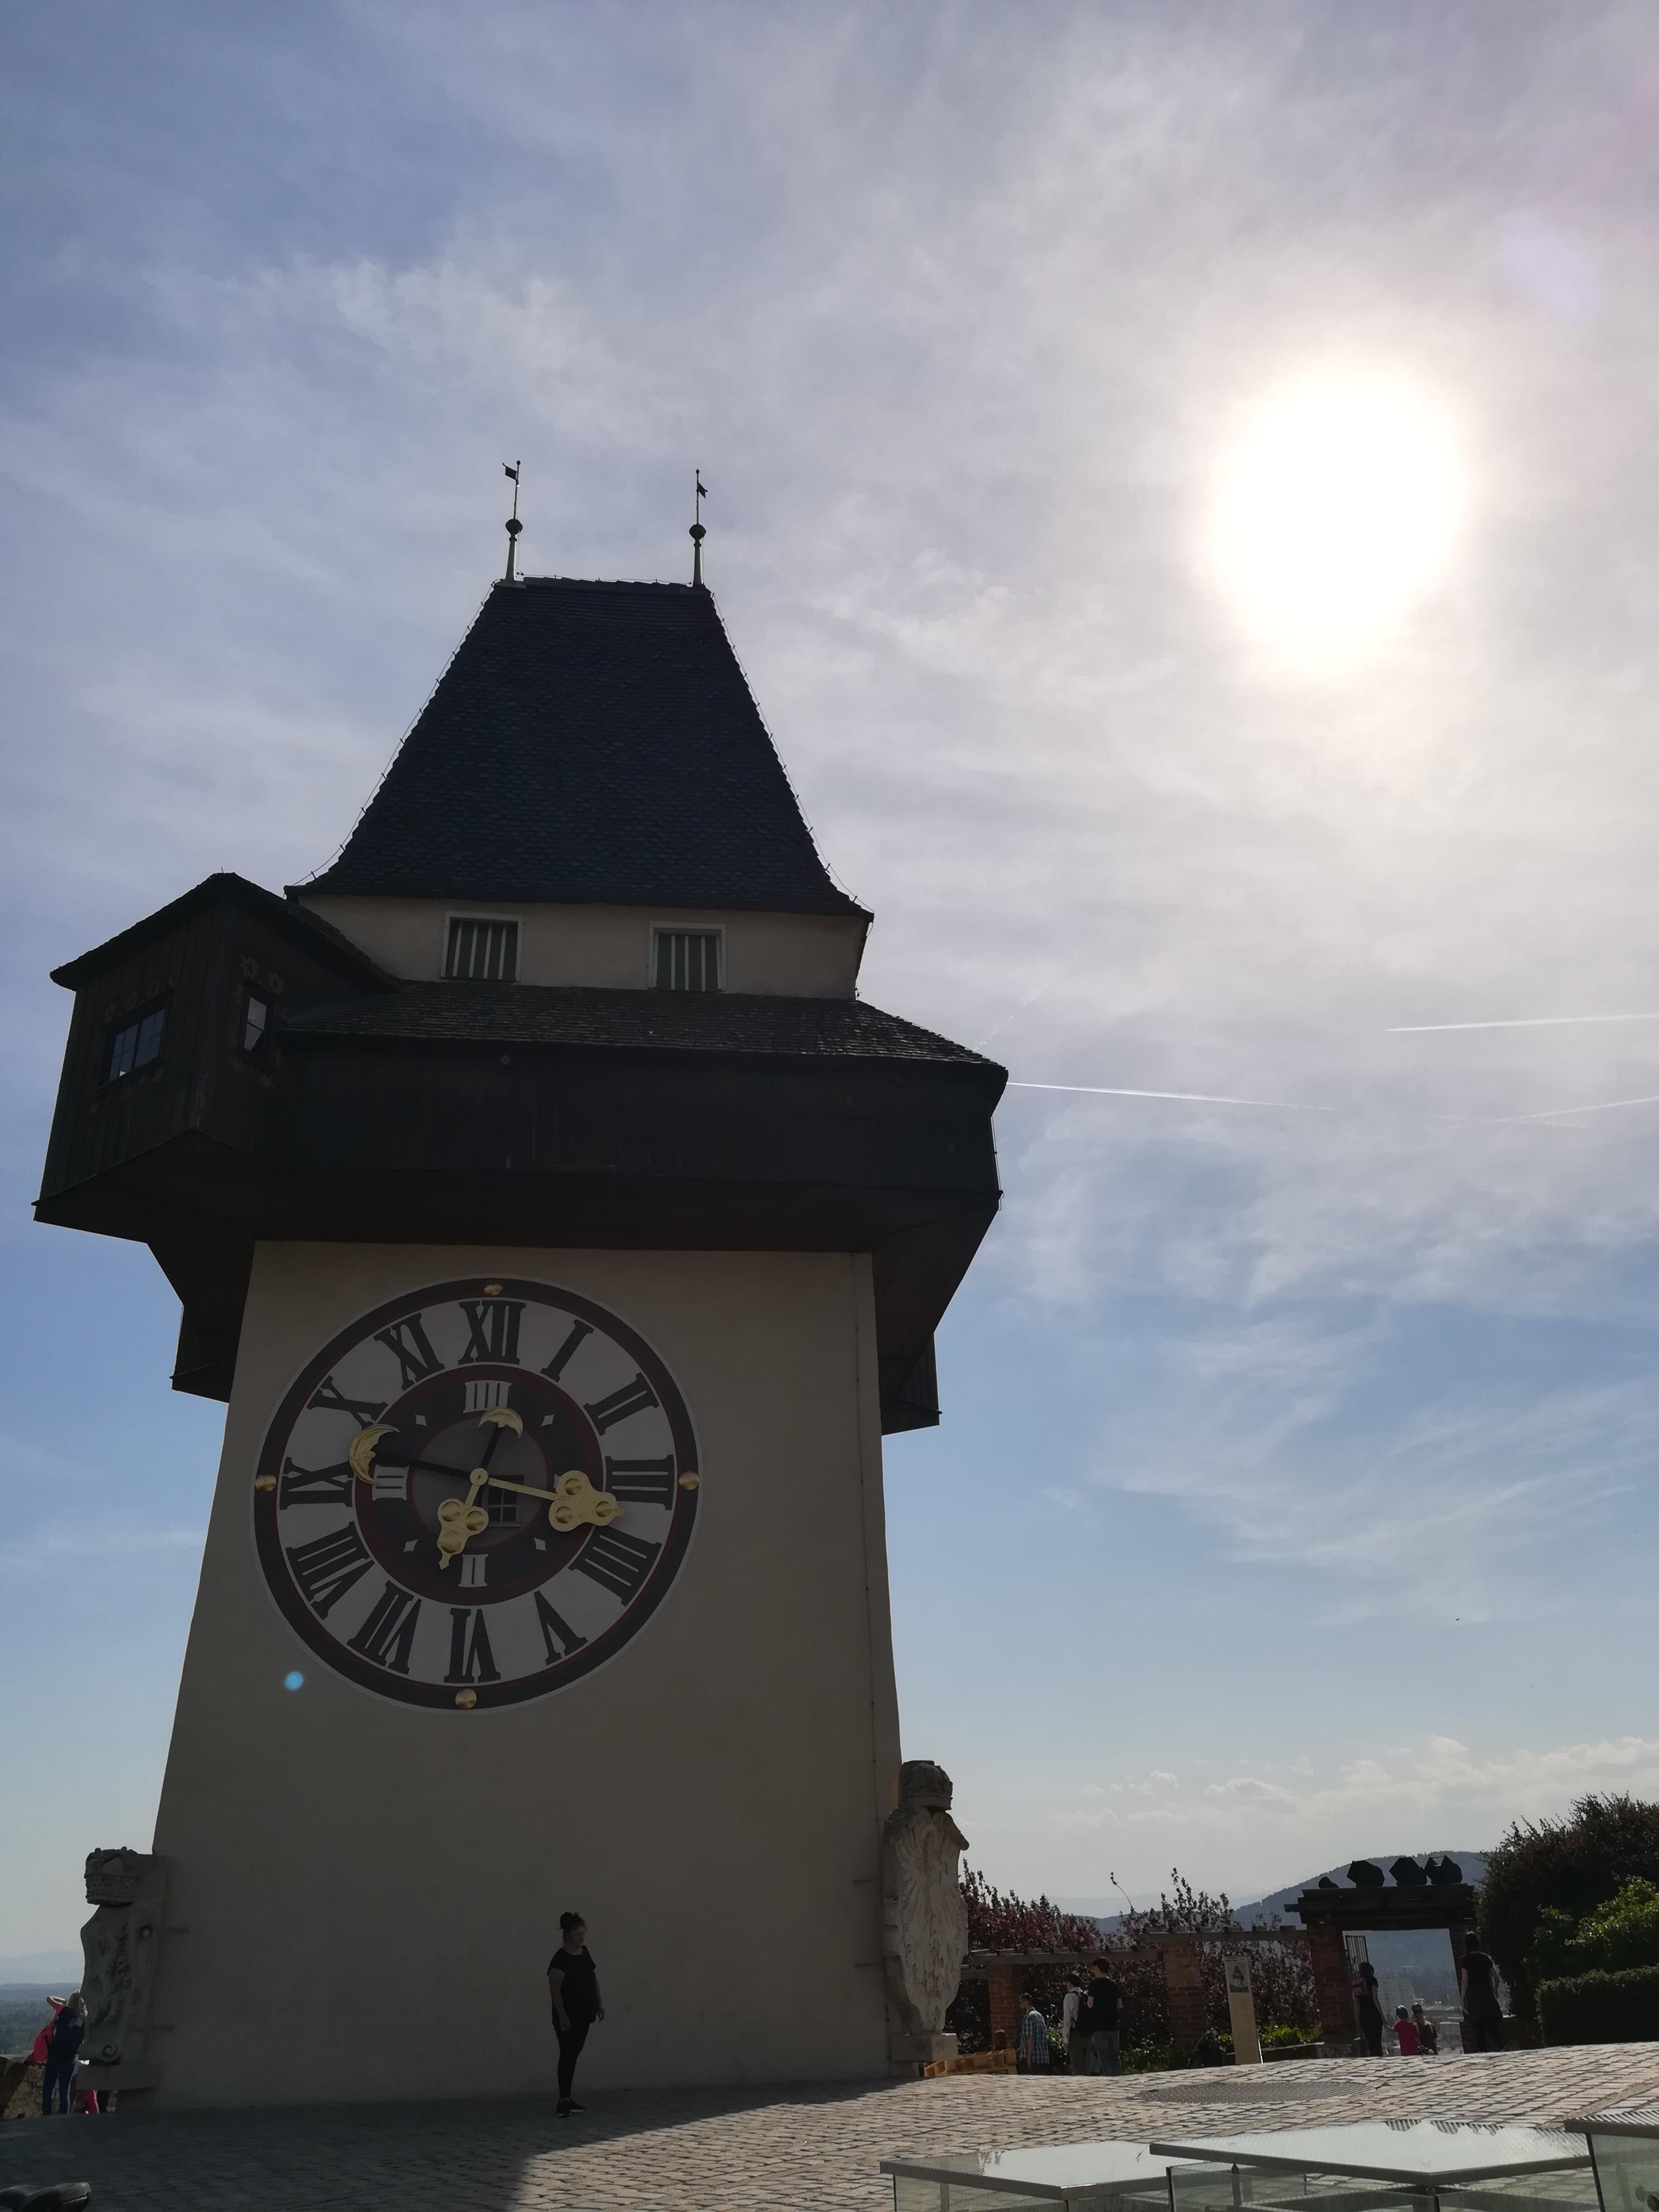 Часы на башне замка Шлоссберг Грац